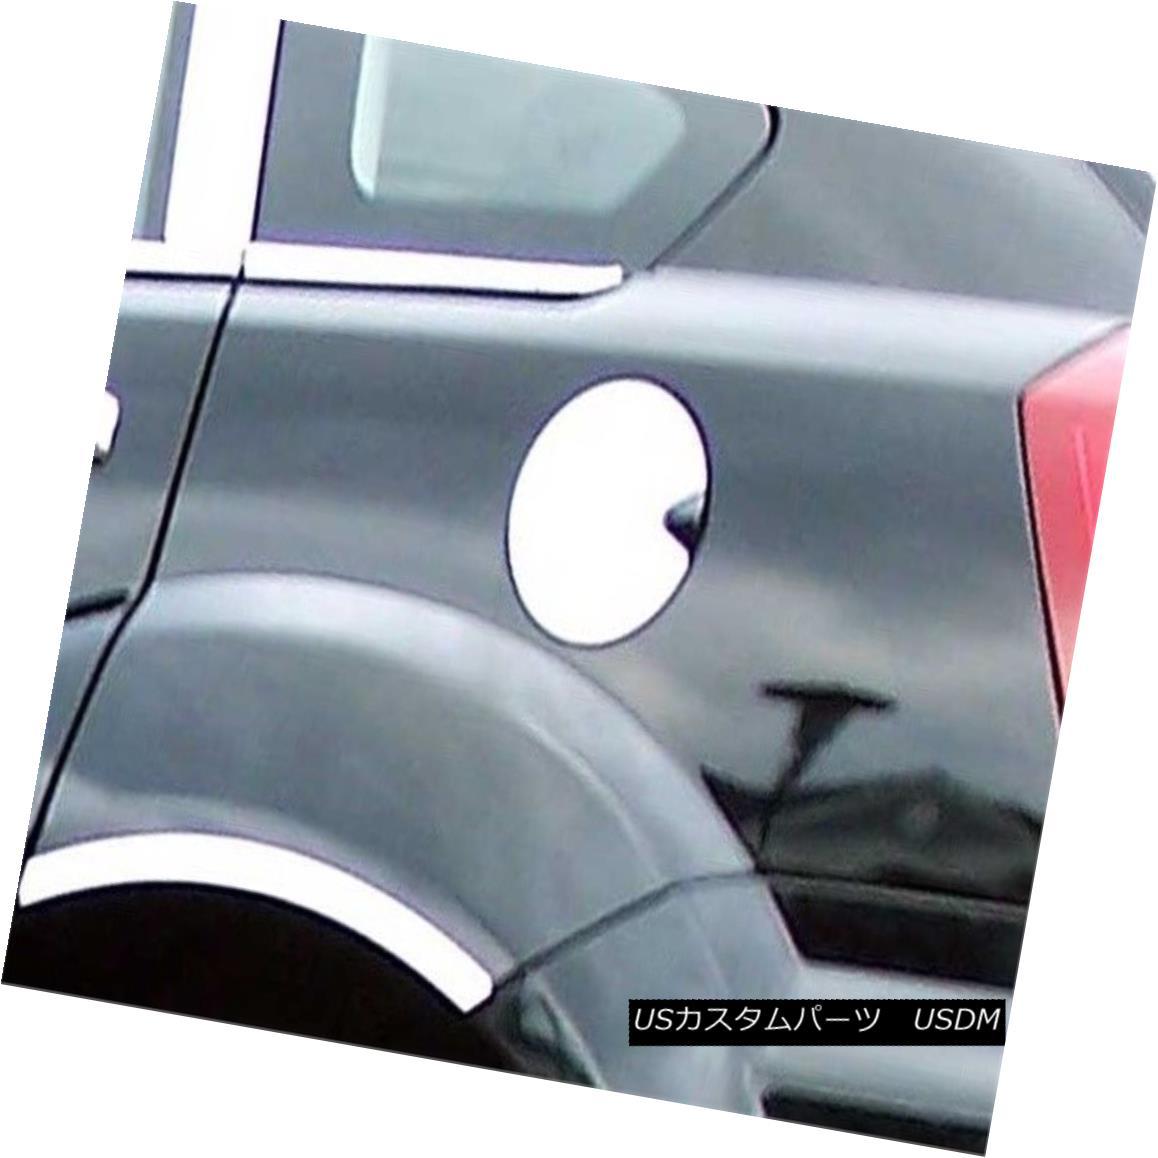 グリル Fits 2007-2012 DODGE CALIBER 4-door -Stainless Steel GAS CAP DOOR フィット2007-2012ドッジキャリバー4ドア - ステンレススチールガスCAPドア